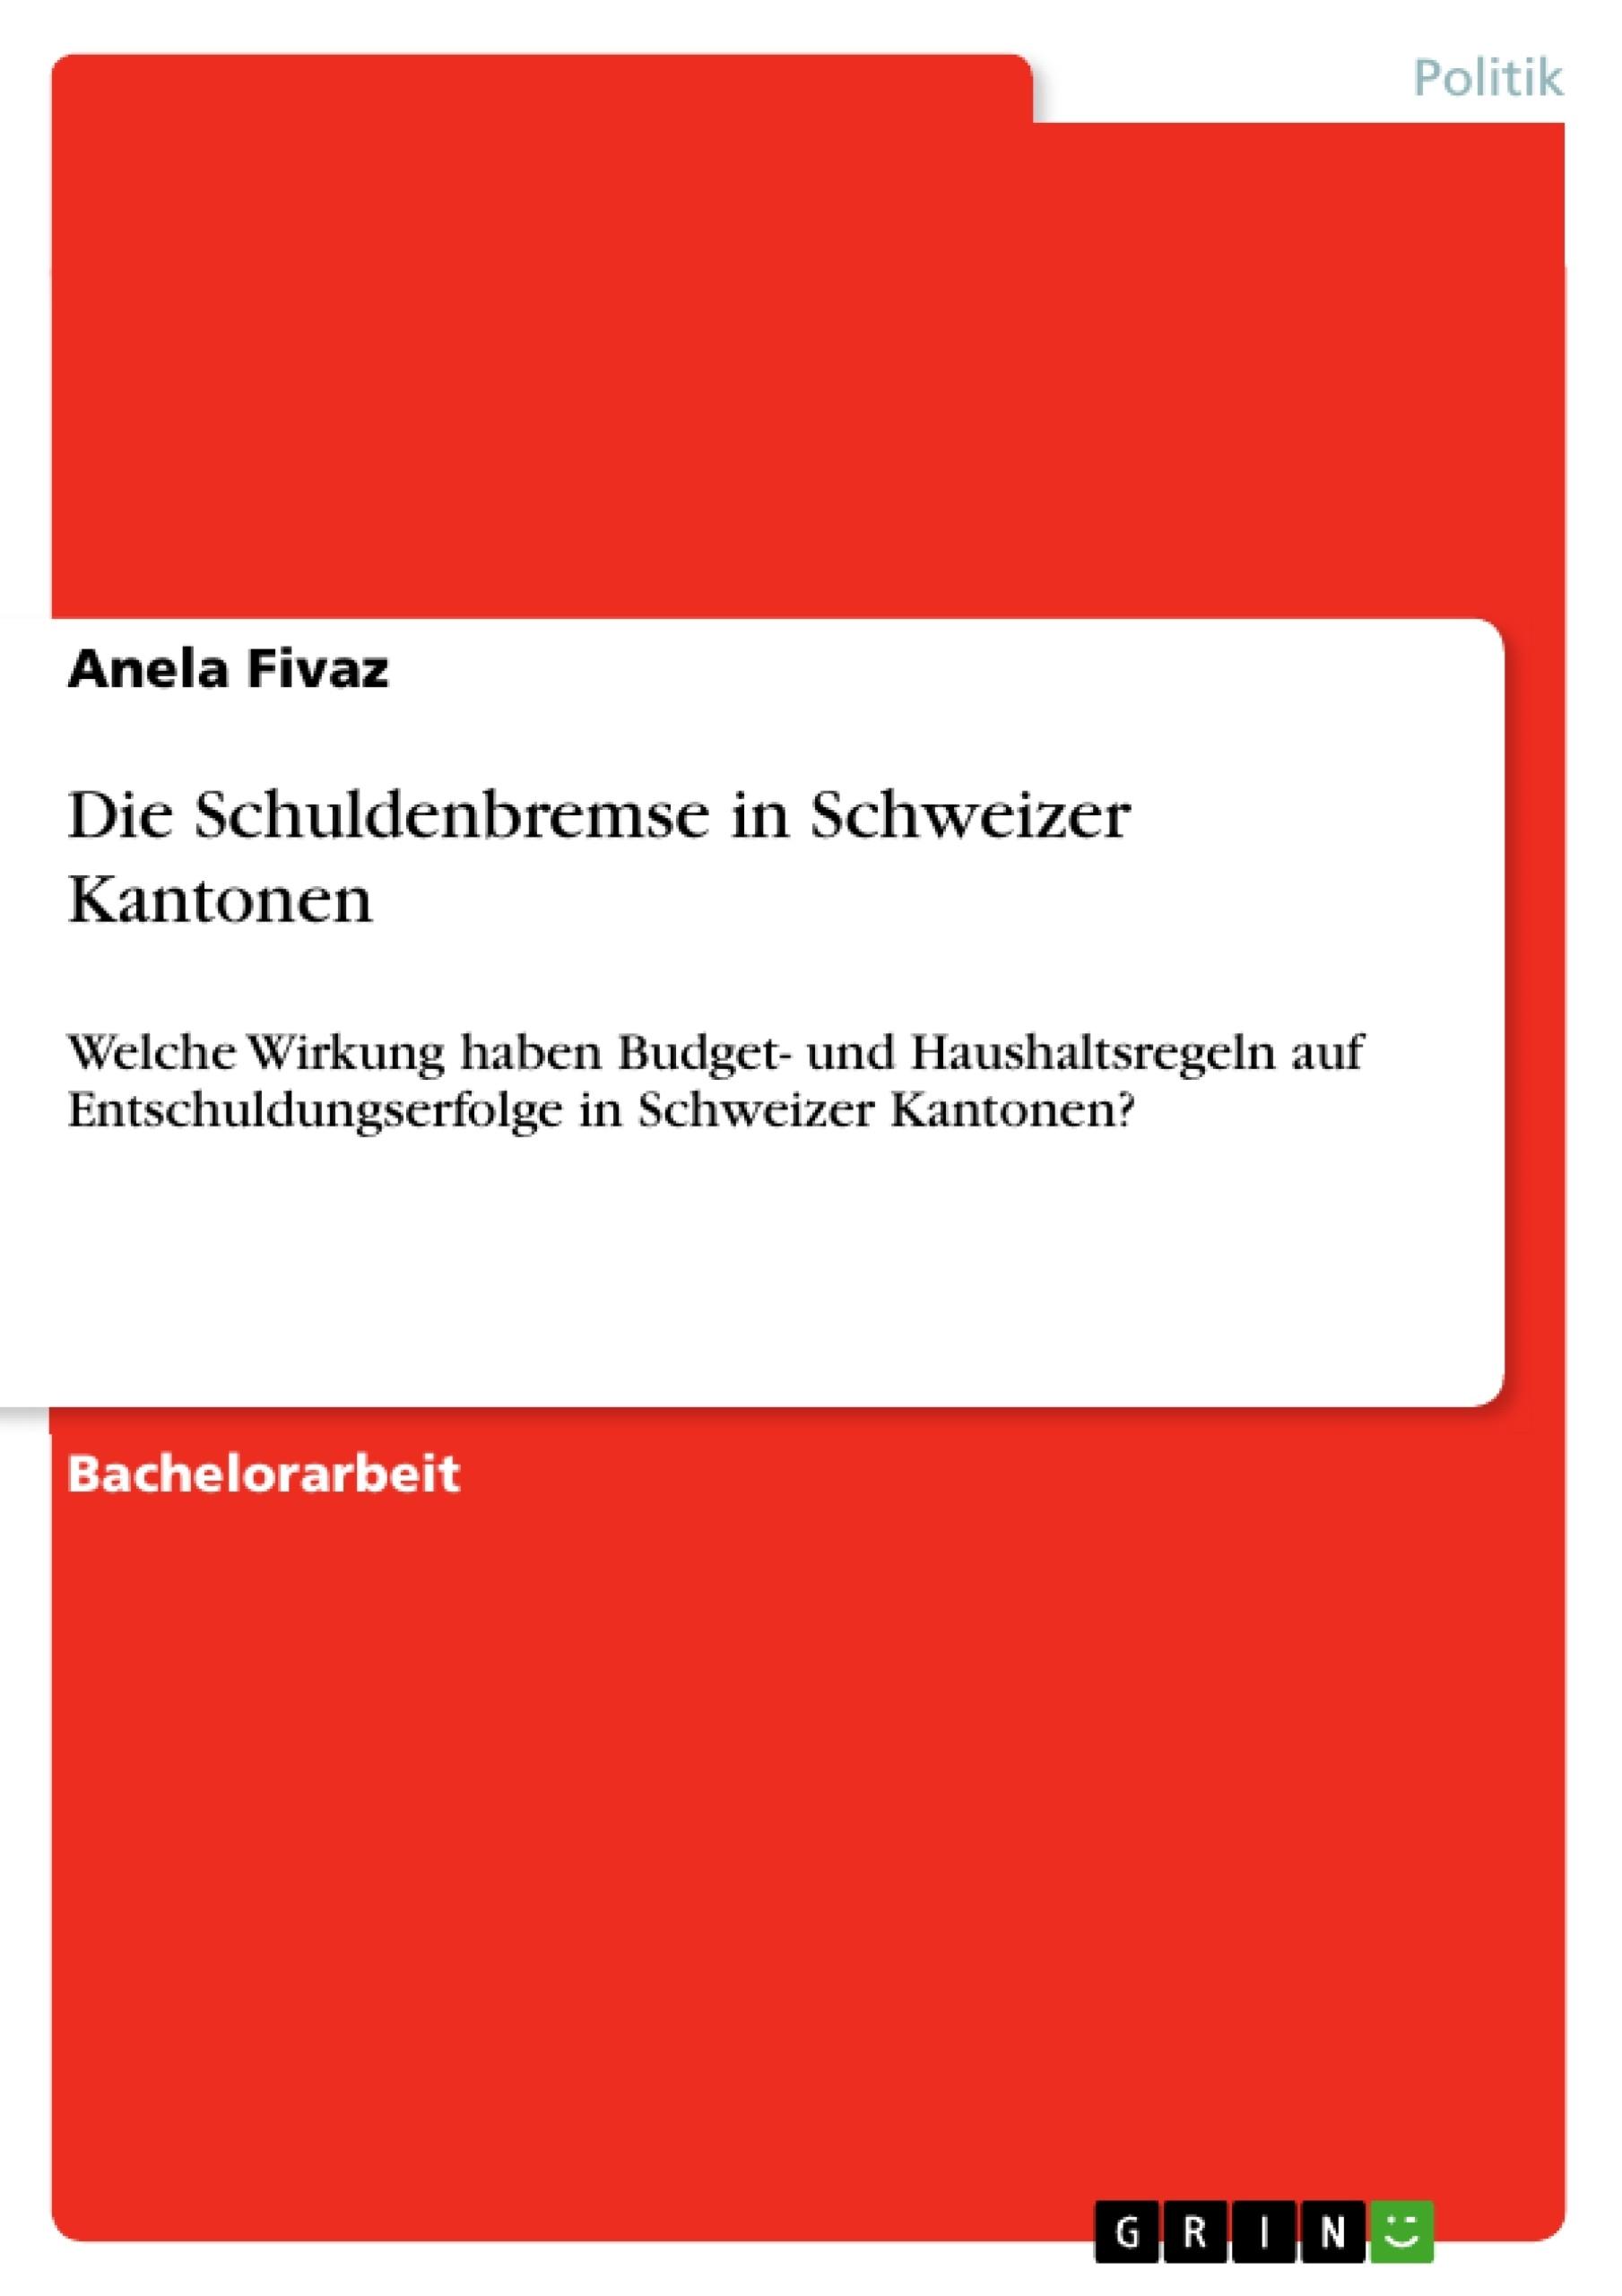 Titel: Die Schuldenbremse in Schweizer Kantonen